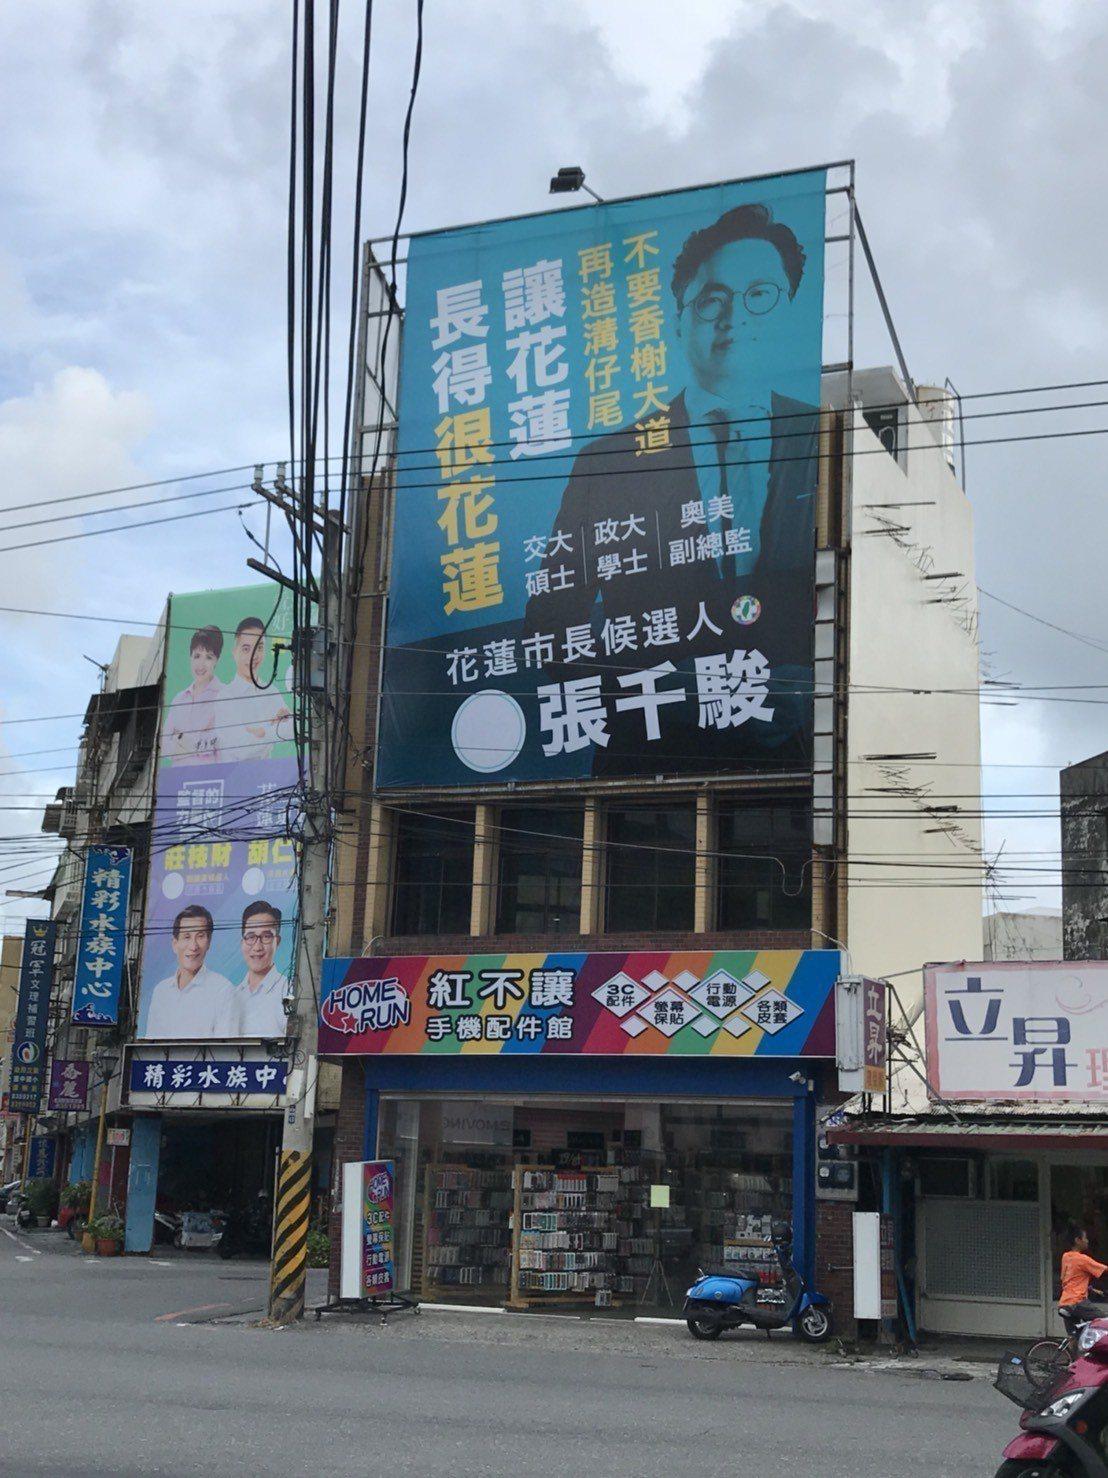 民進黨提名花蓮市長參選人張千駿的競選看板很有個人風格,引起討論。記者王燕華/攝影